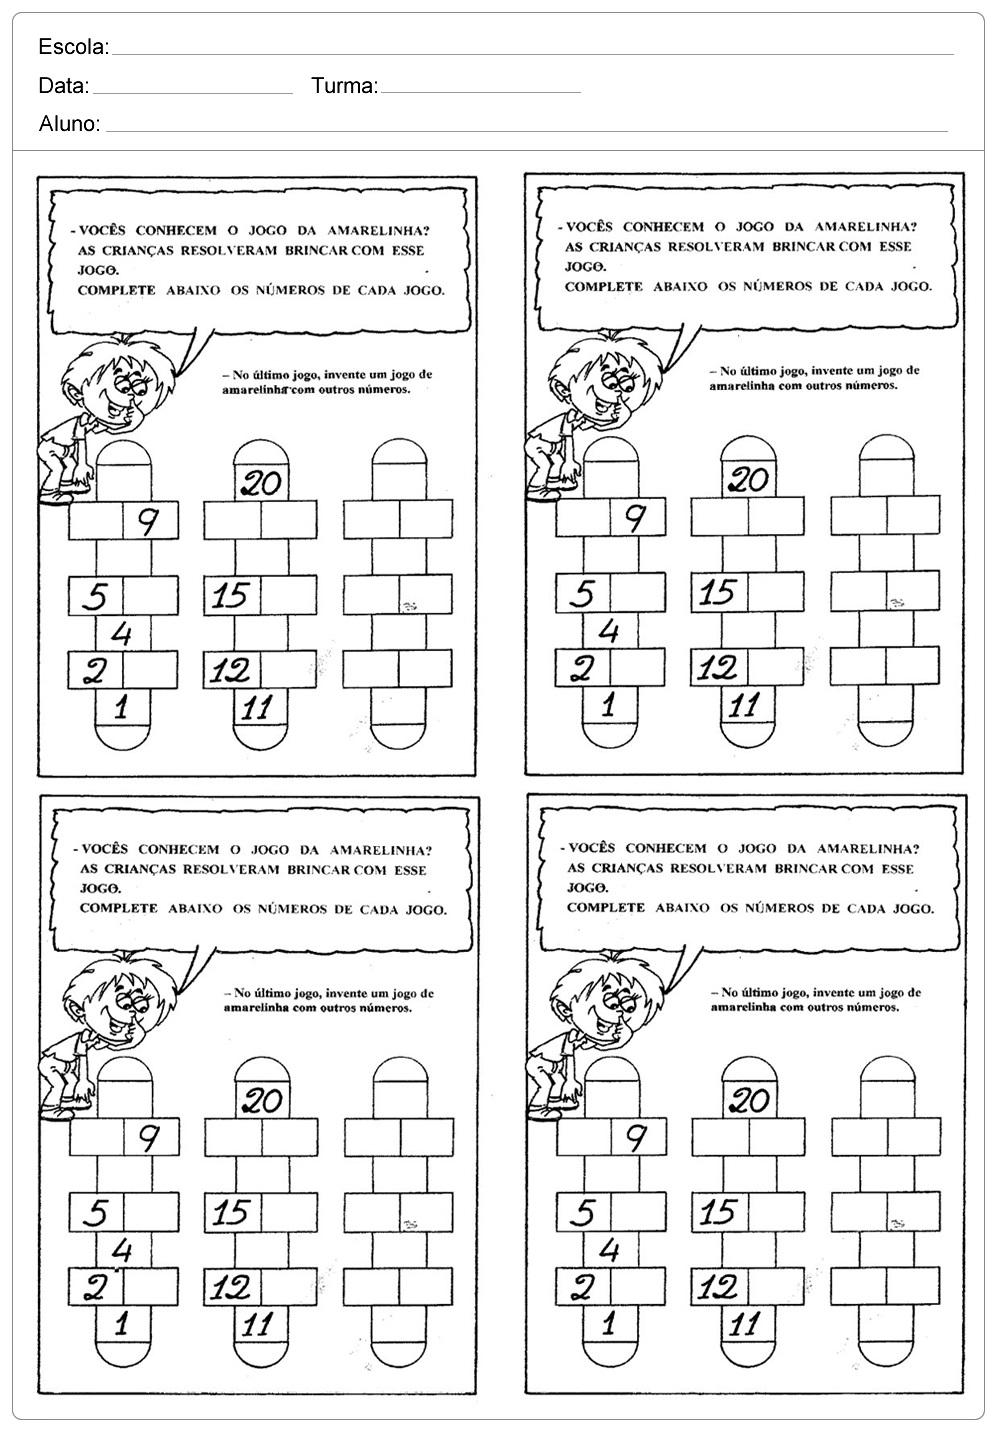 Atividades de Matemática 2 ano do Ensino Fundamental - Para Imprimir.